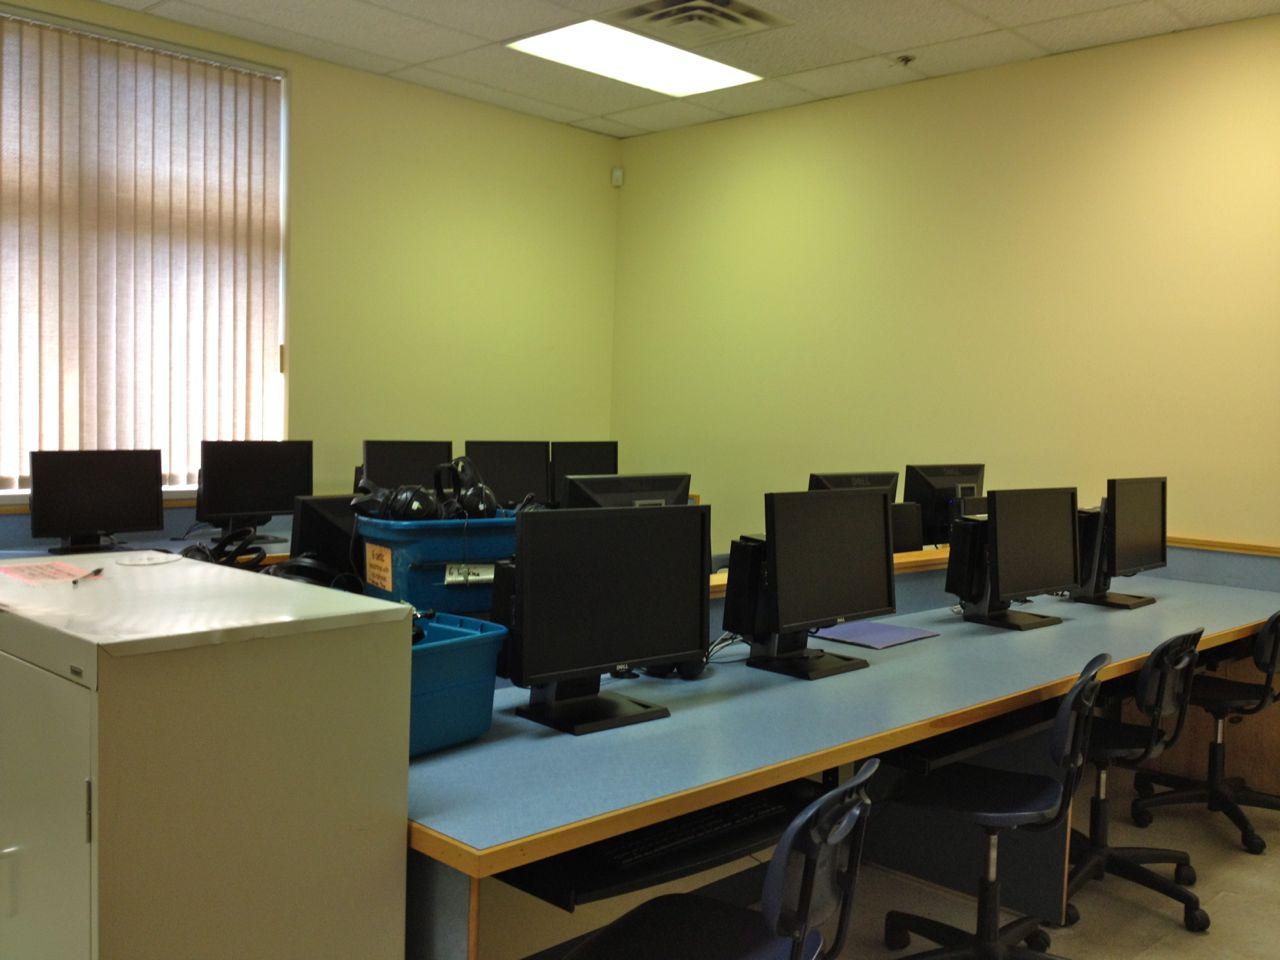 カナダ ビクトリアの語学学校 EmbassyCES 電子黒板を使った授業